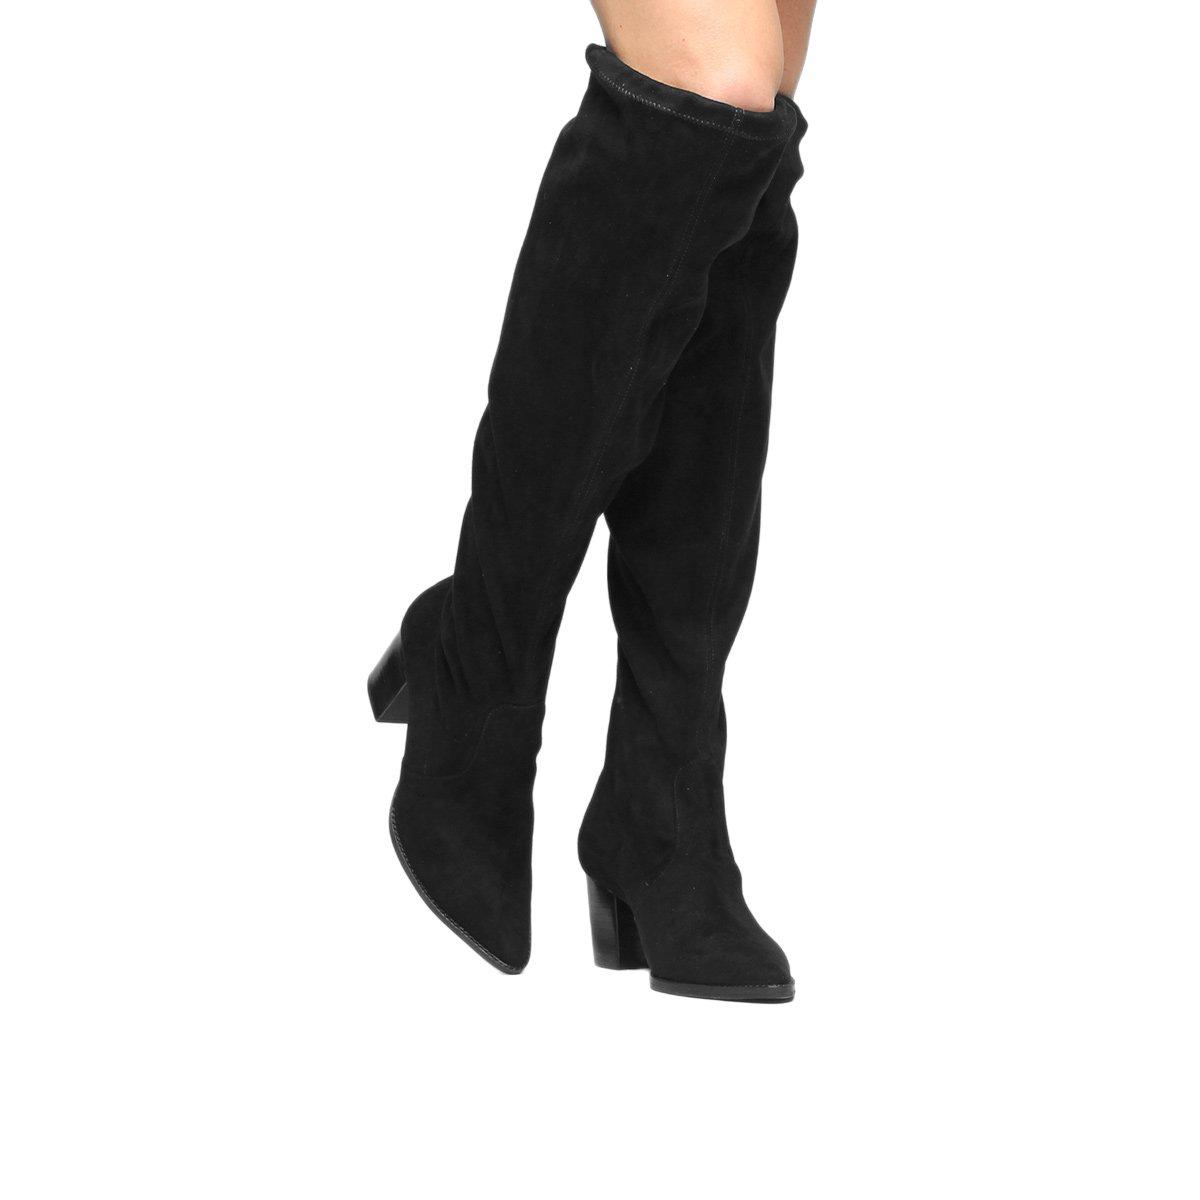 2ed8251eb Bota Meia Cano Longo Shoestock Bico Fino Salto Grosso Feminina - Preto -  Compre Agora